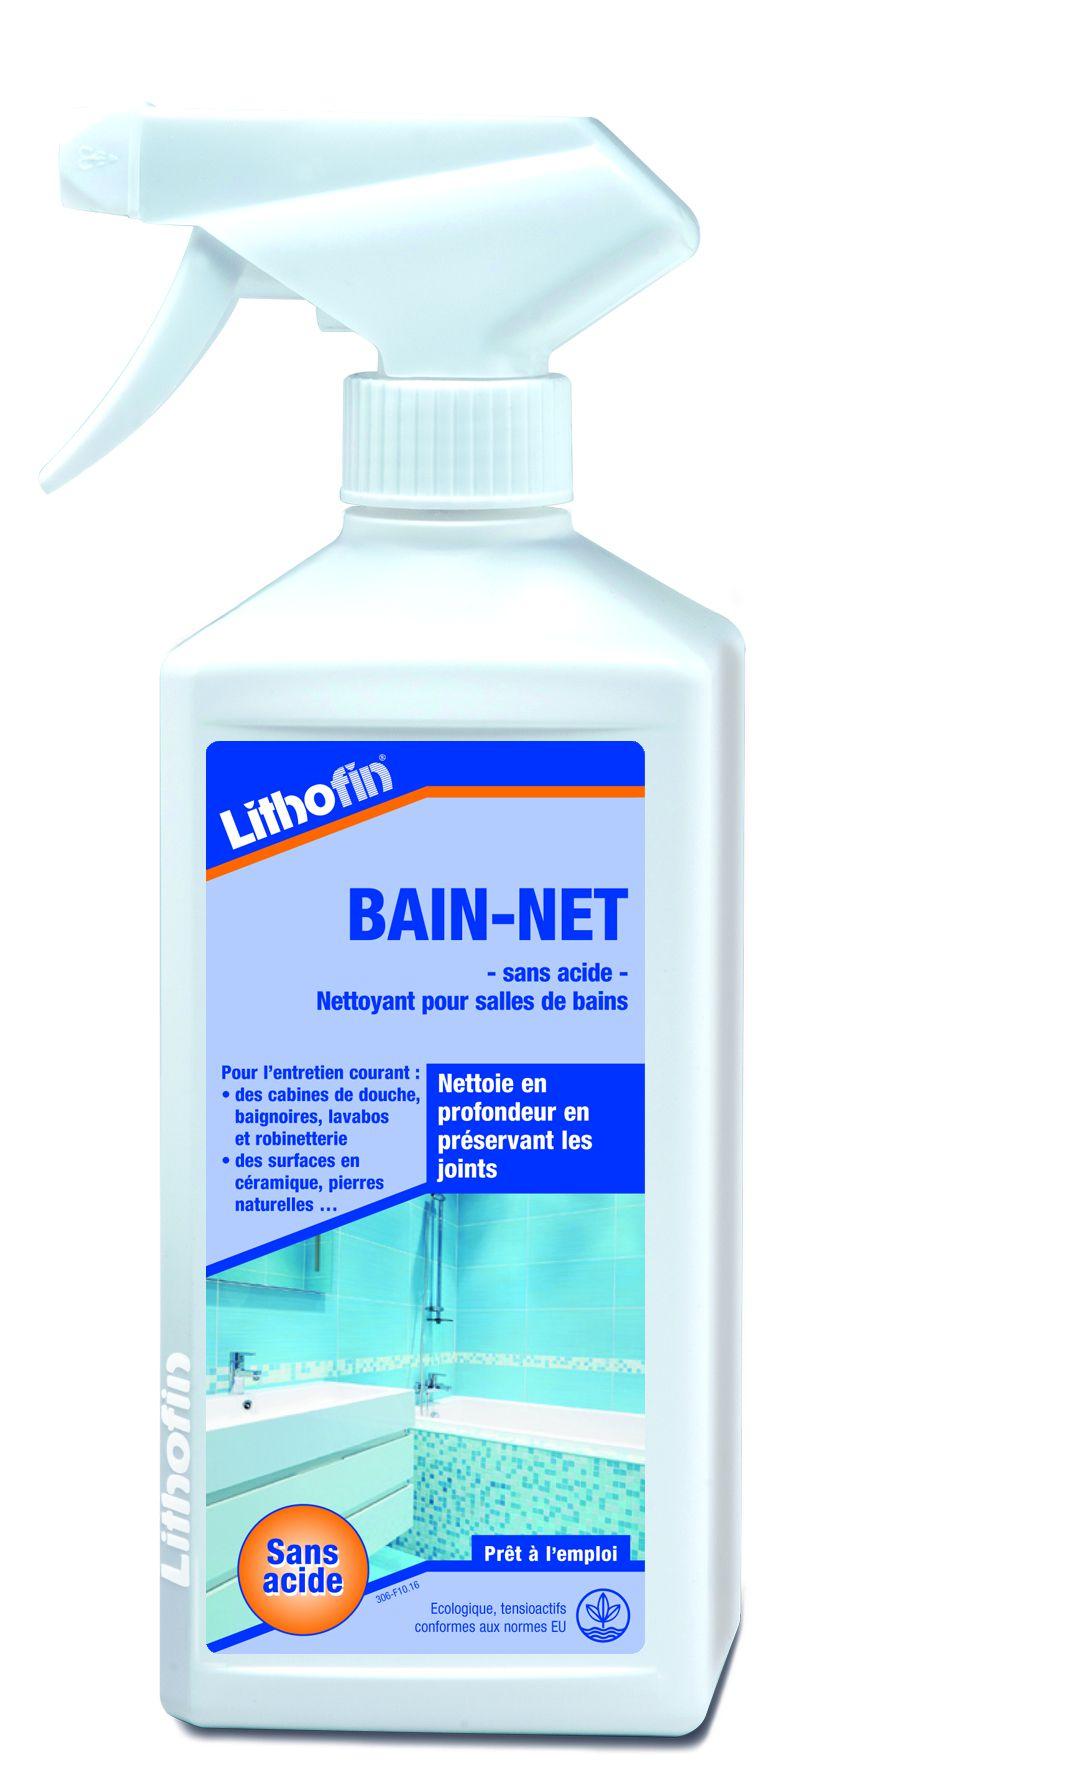 Lithofin BAIN-NET sans acide